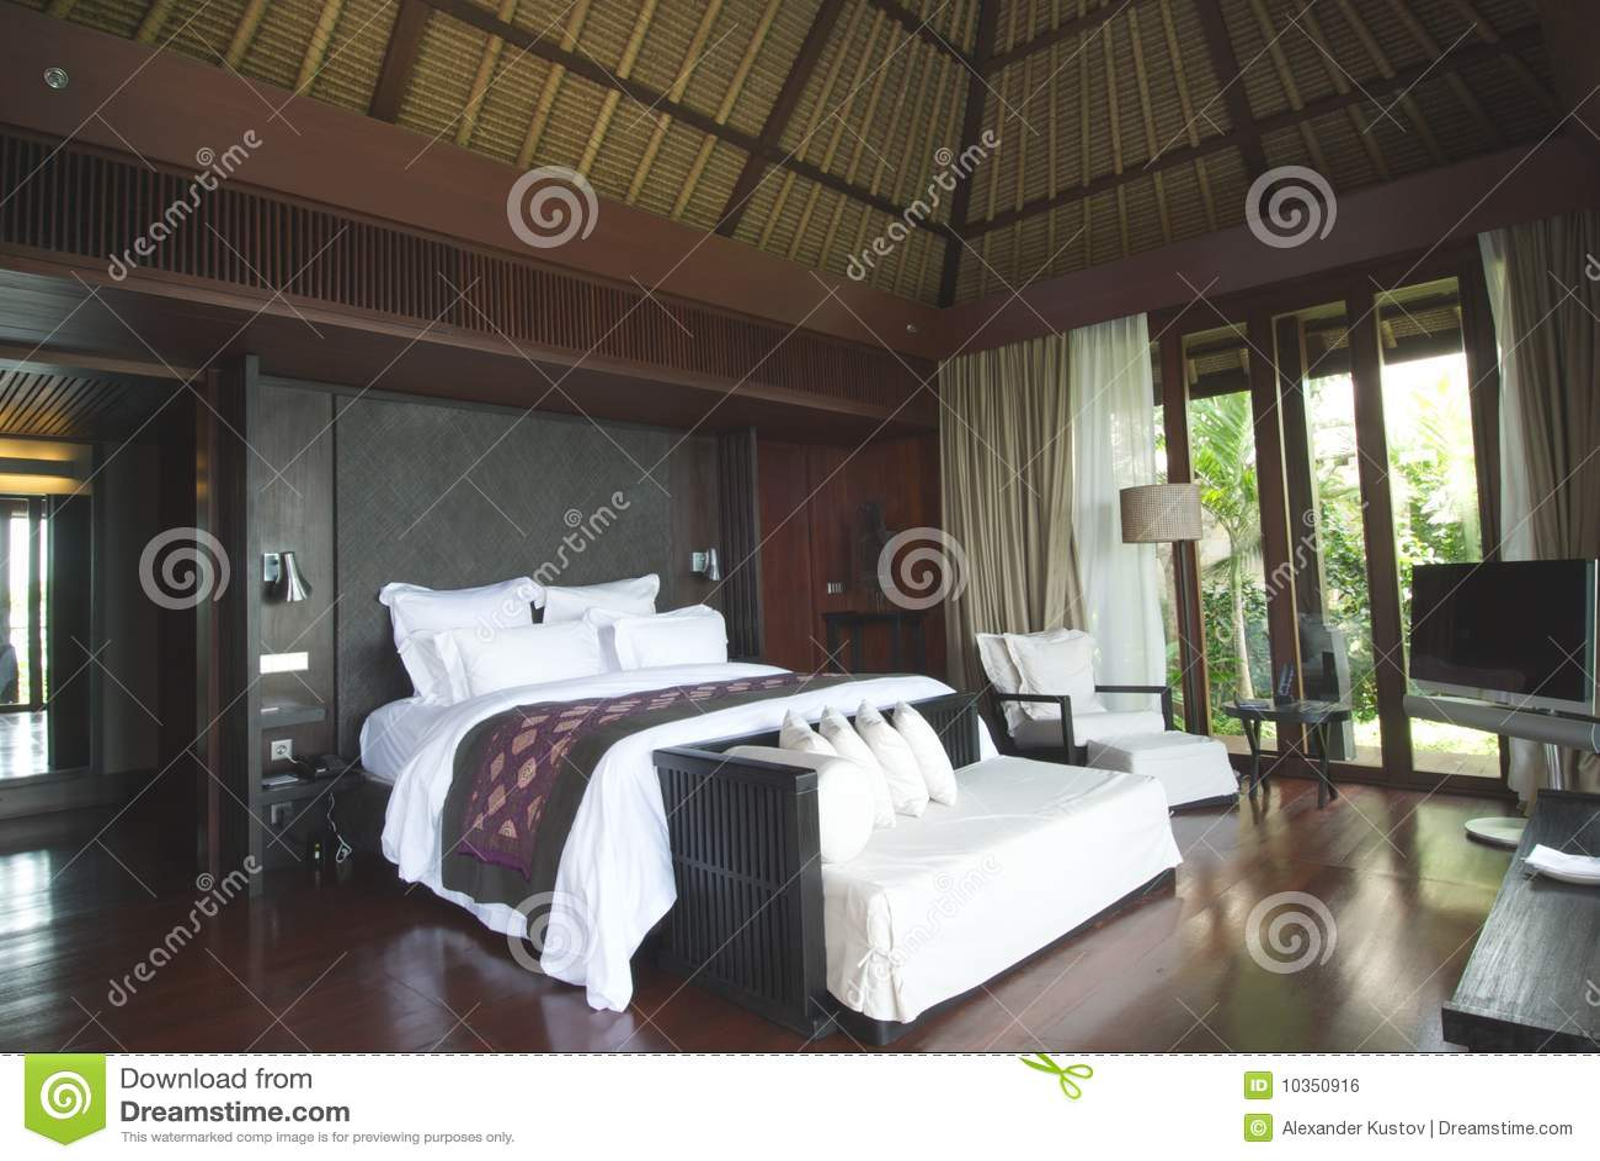 Luxe d 39 int rieur de chambre coucher image libre de for Interieur chambre a coucher